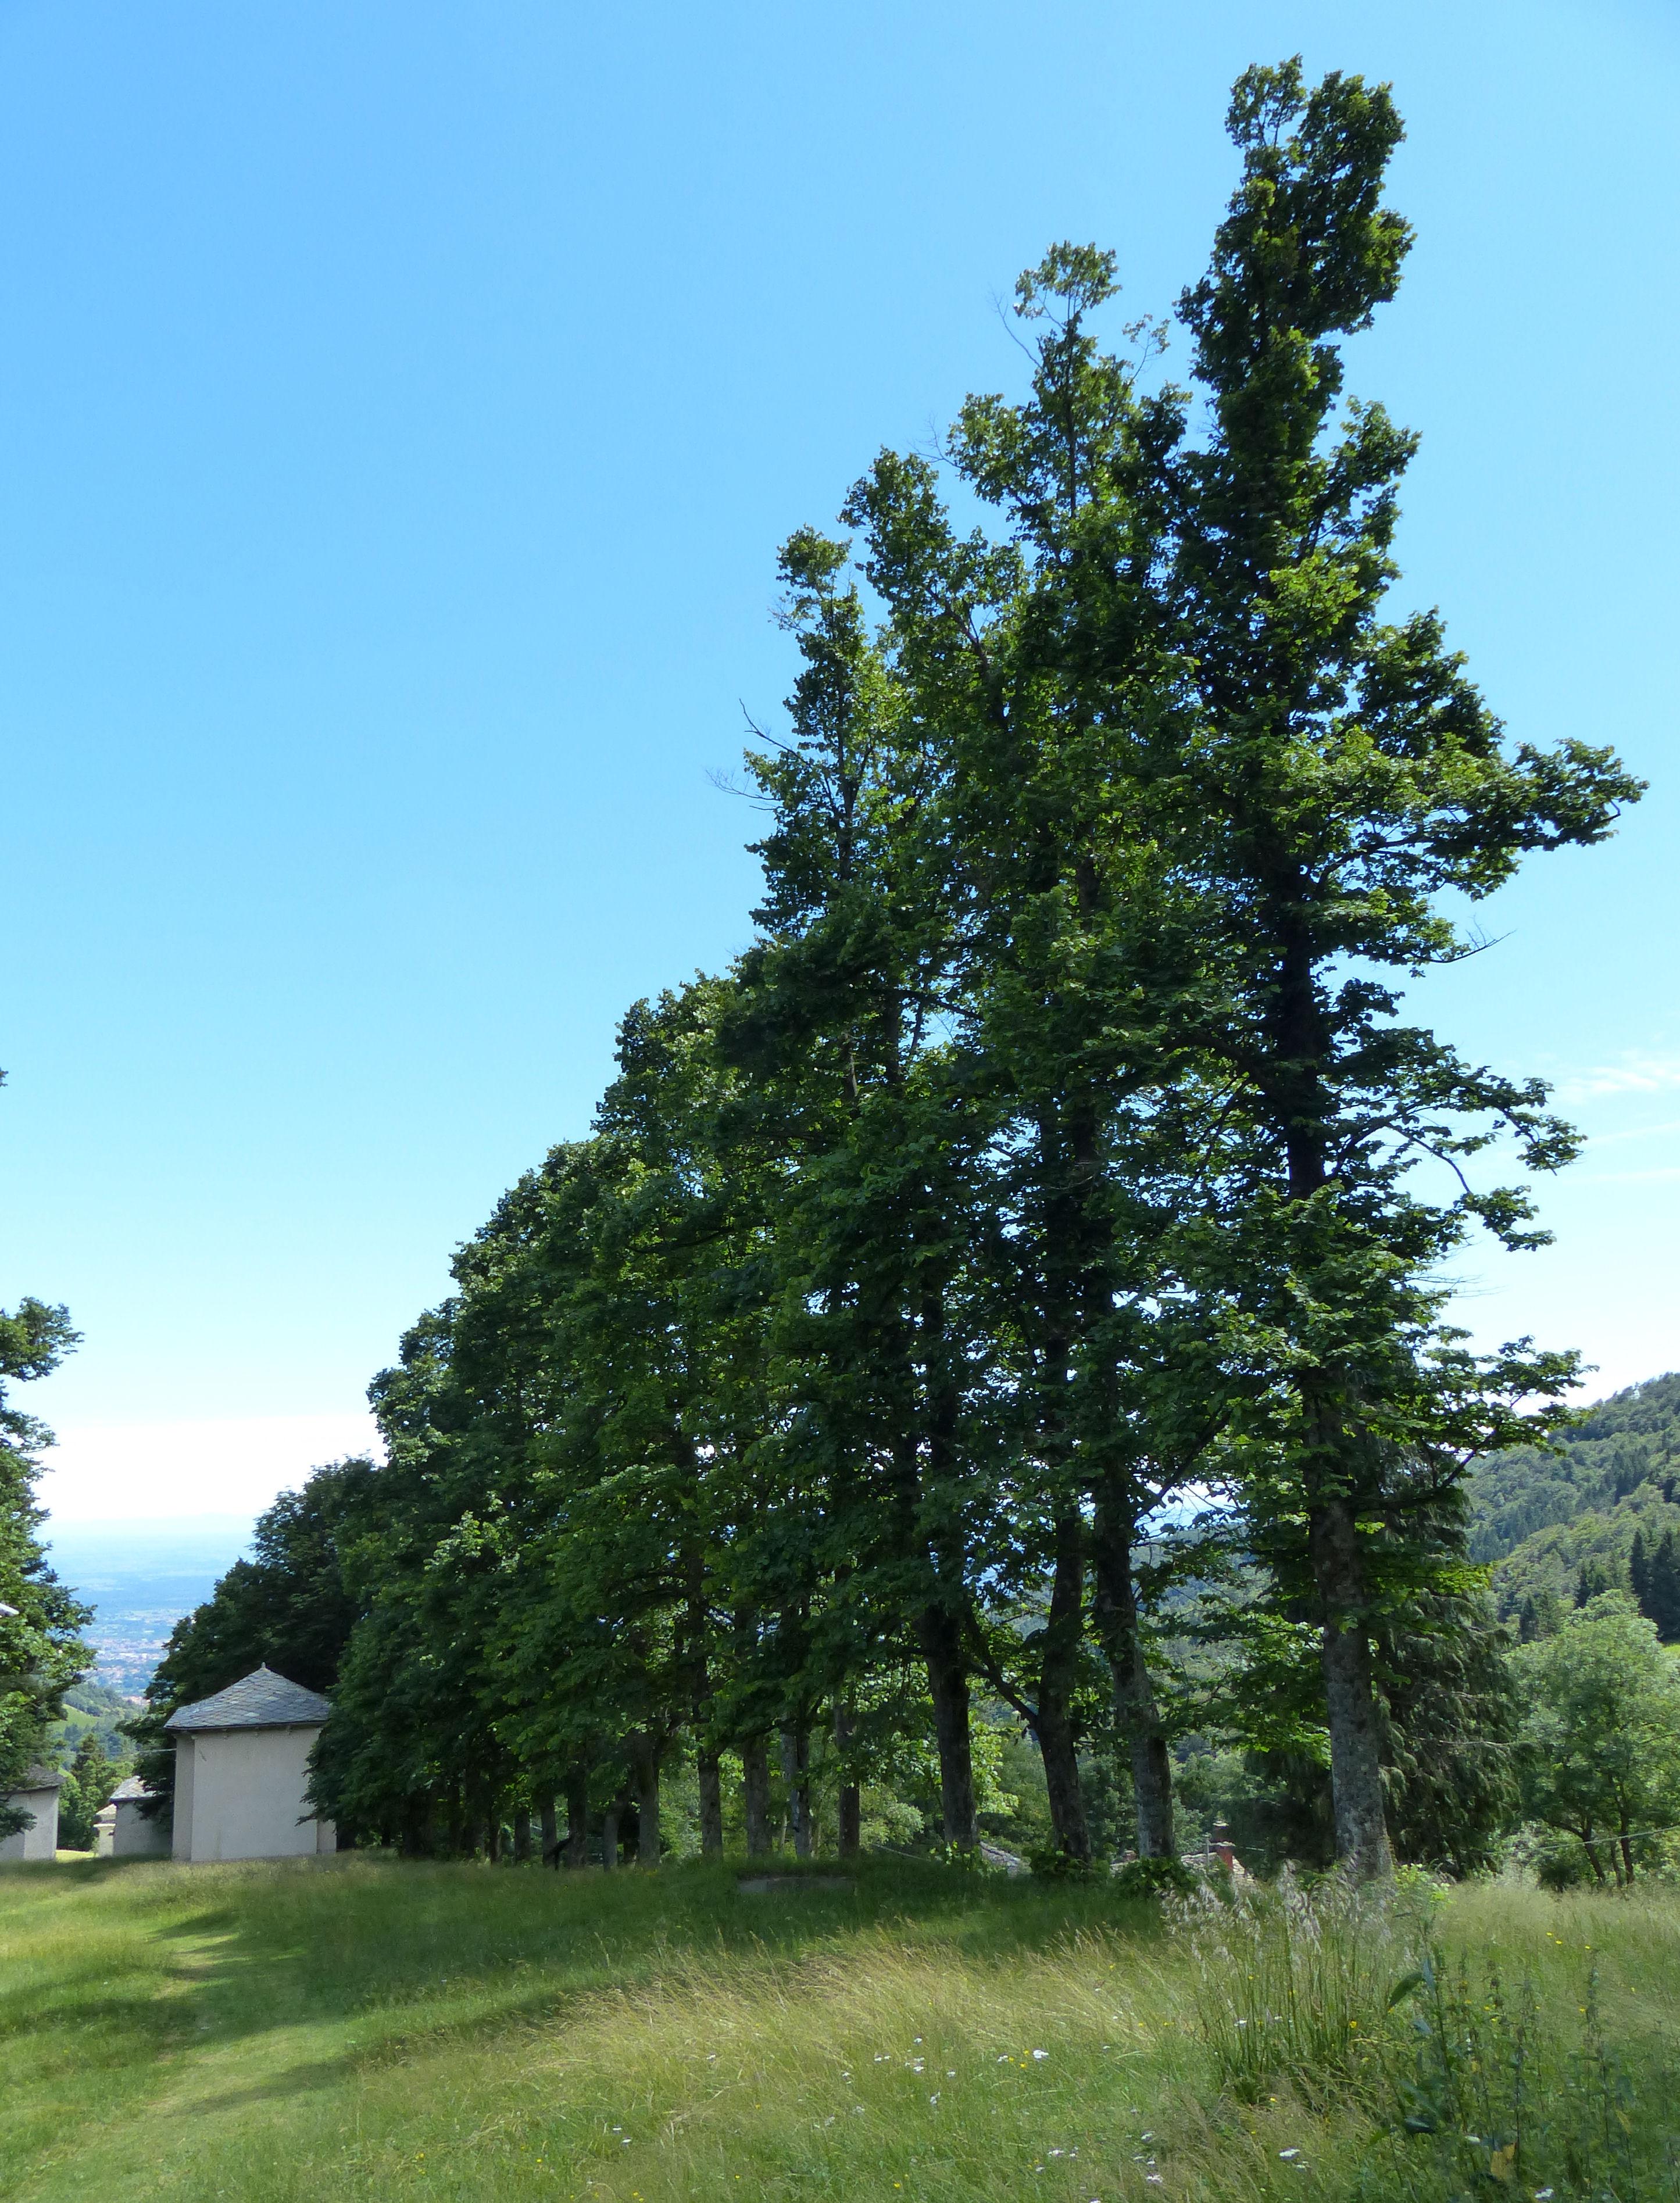 © Dipartimento di Scienze della Vita, Università di Trieste<br>by Andrea Moro<br>Comune di Biella, Sacro Monte di Oropa, BI, Piemonte, Italia, 26/07/2016<br>Distributed under CC-BY-SA 4.0 license.